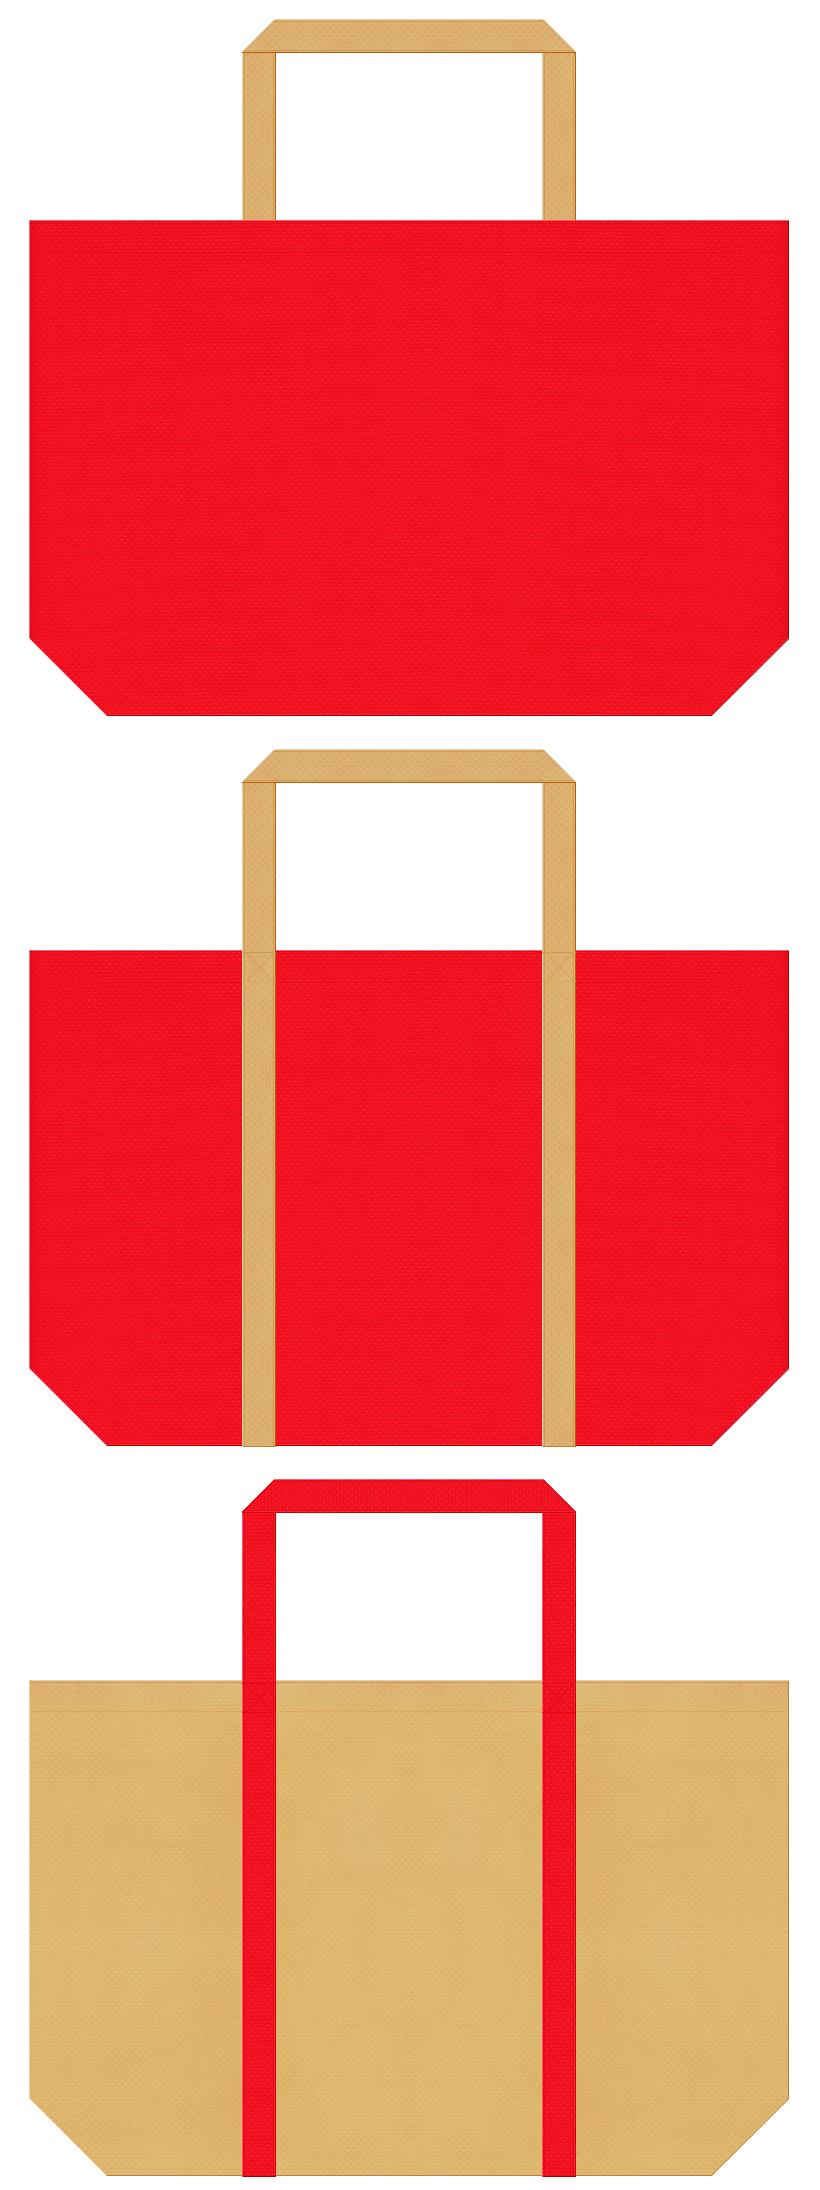 赤鬼・節分・大豆・一合枡・野点傘・茶会・御輿・お祭り・和風催事・福袋にお奨めの不織布ショッピングバッグのデザイン:赤色と薄黄土色のコーデ